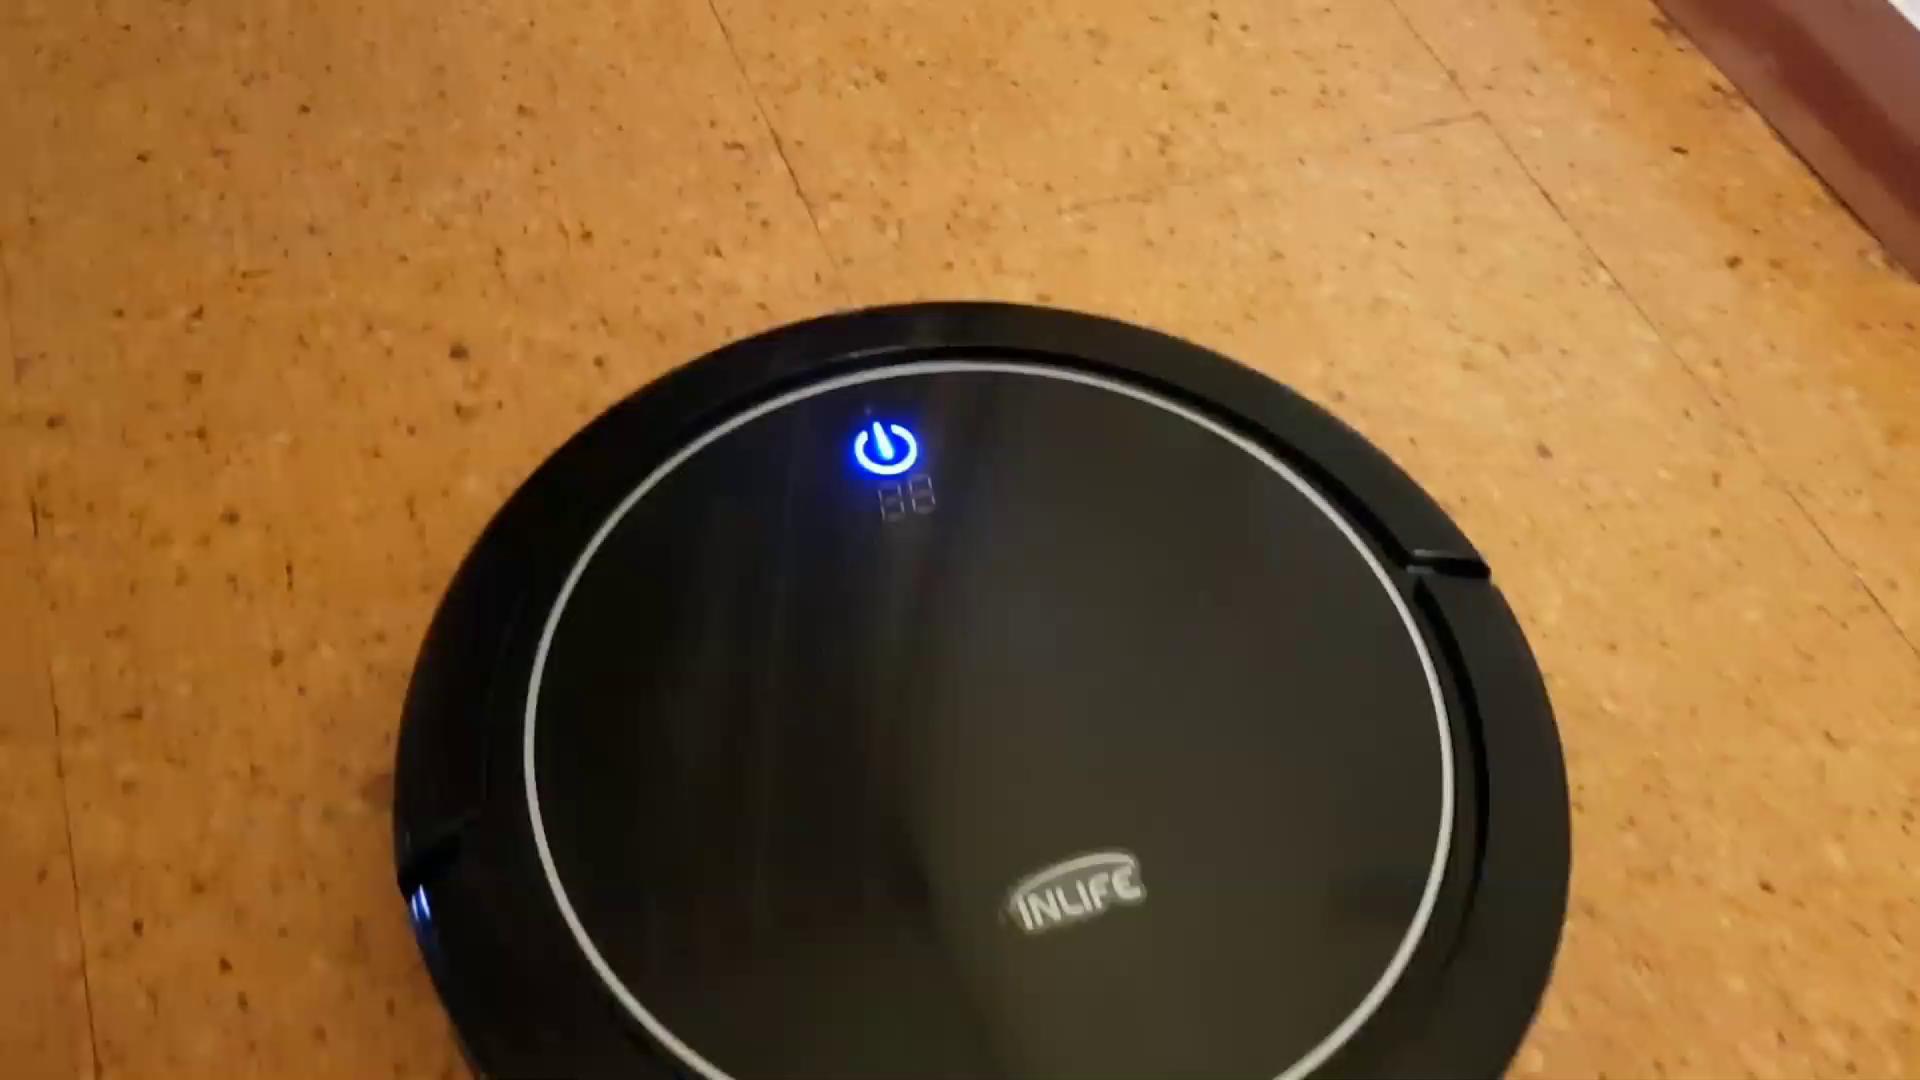 Amazon.es:Opiniones de clientes: InLife EUi7 - Robot Aspirador Carga Automática, Control Remoto, Succión Fuerte, Tecnología de Detección de Caídas, ...